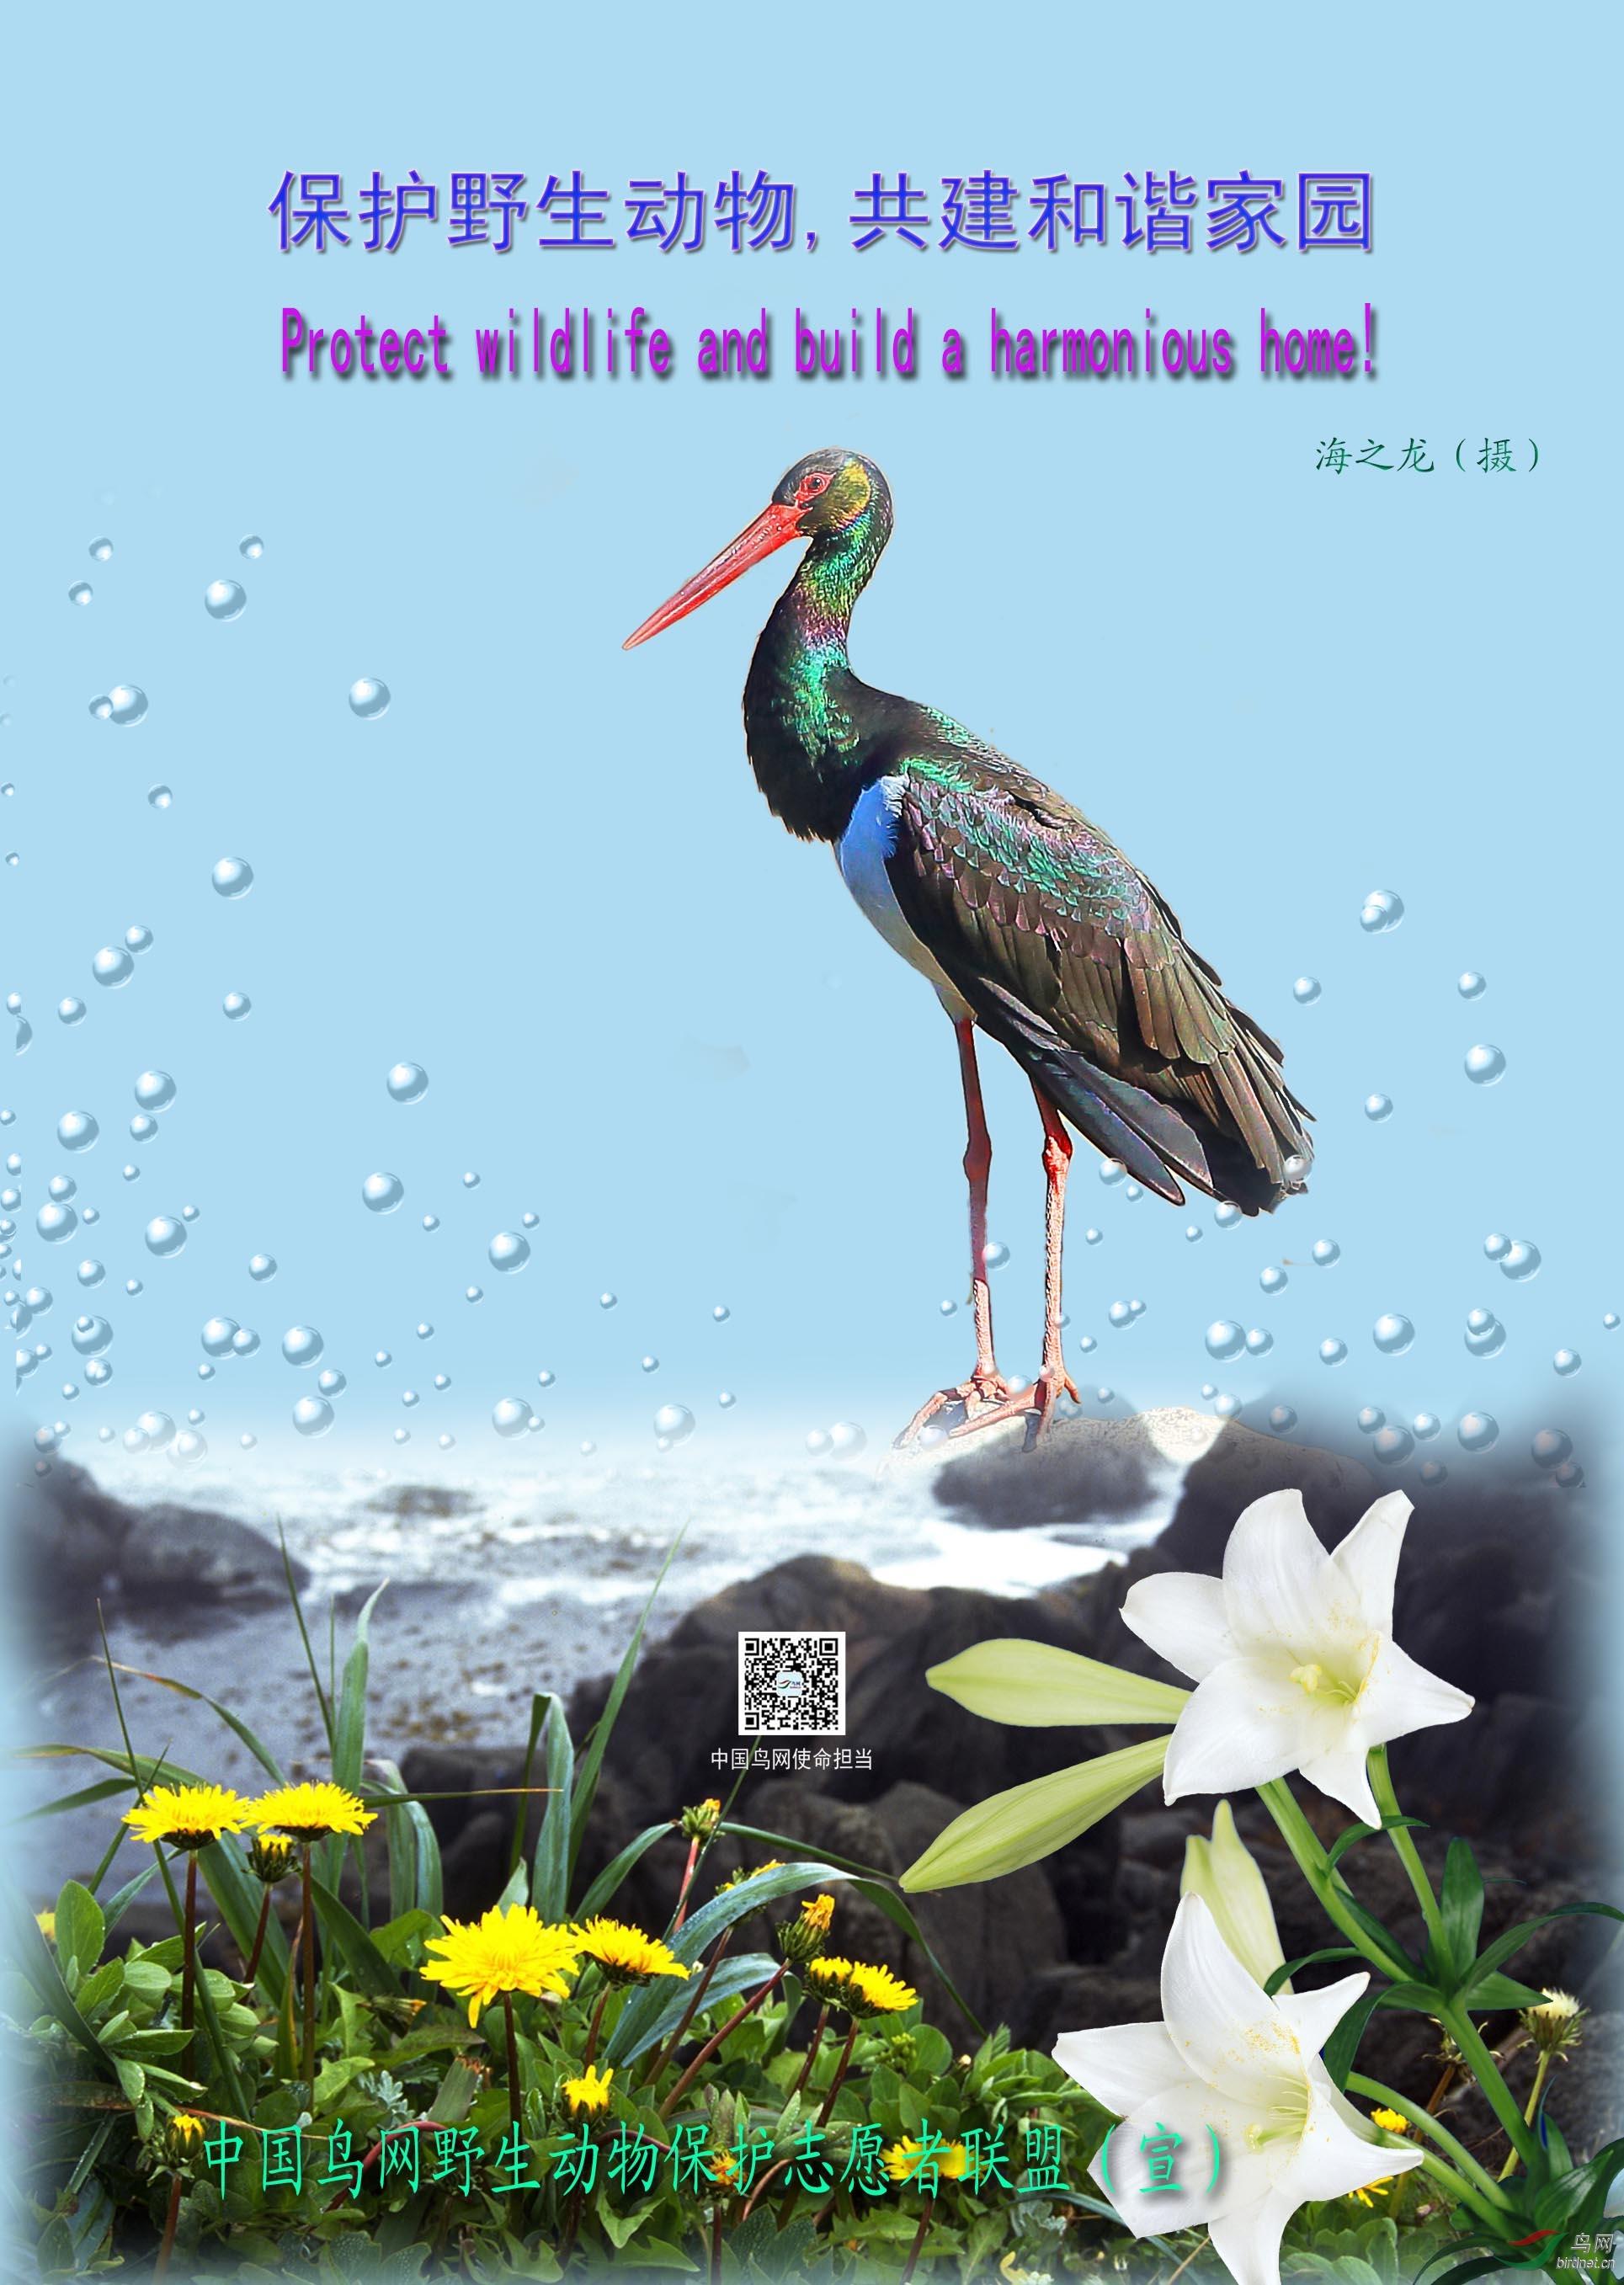 海之龙保护野生动物,共建和谐家园.jpg